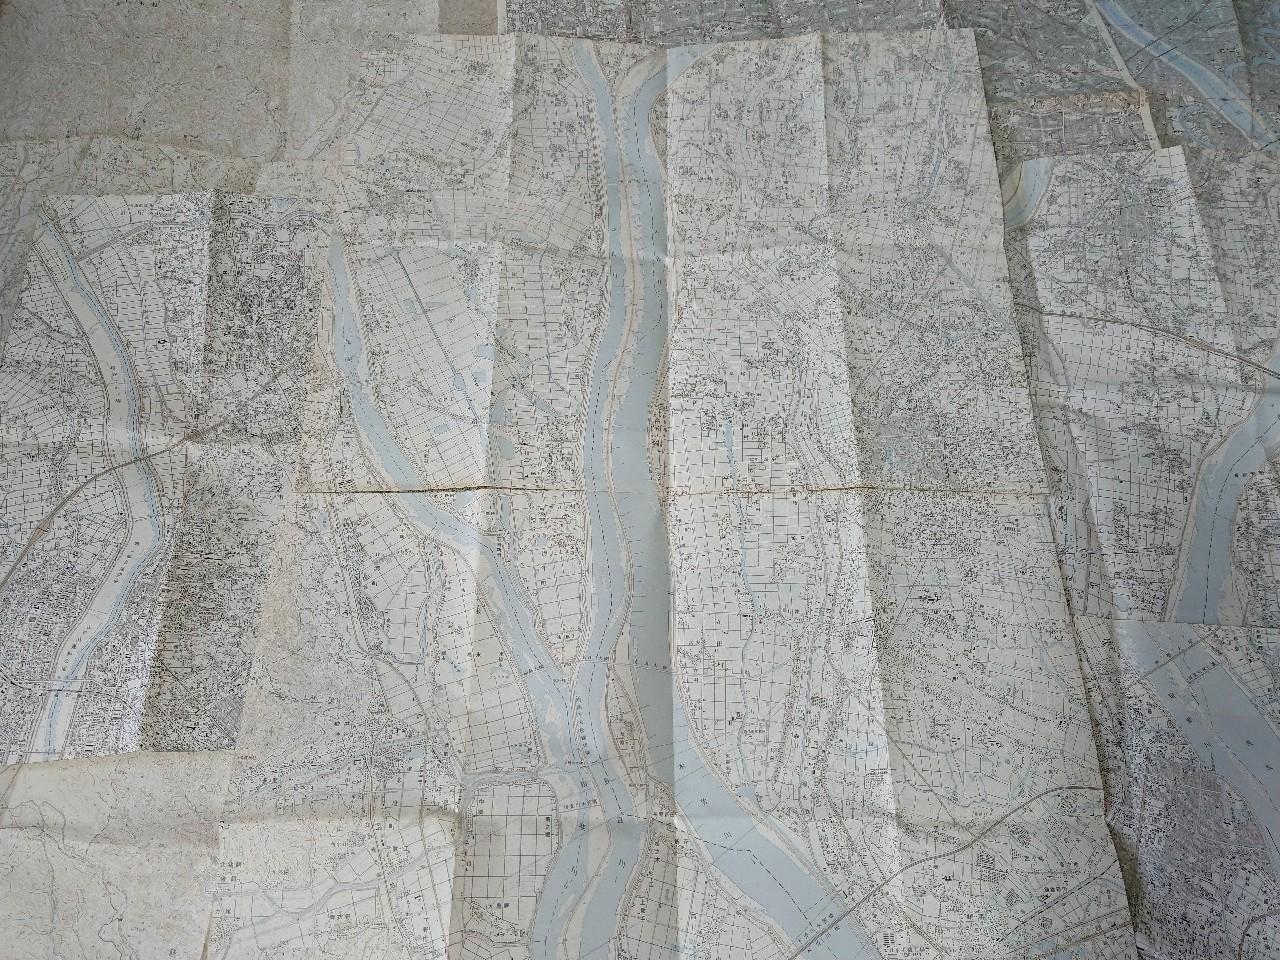 図 国土 地理 院 地形